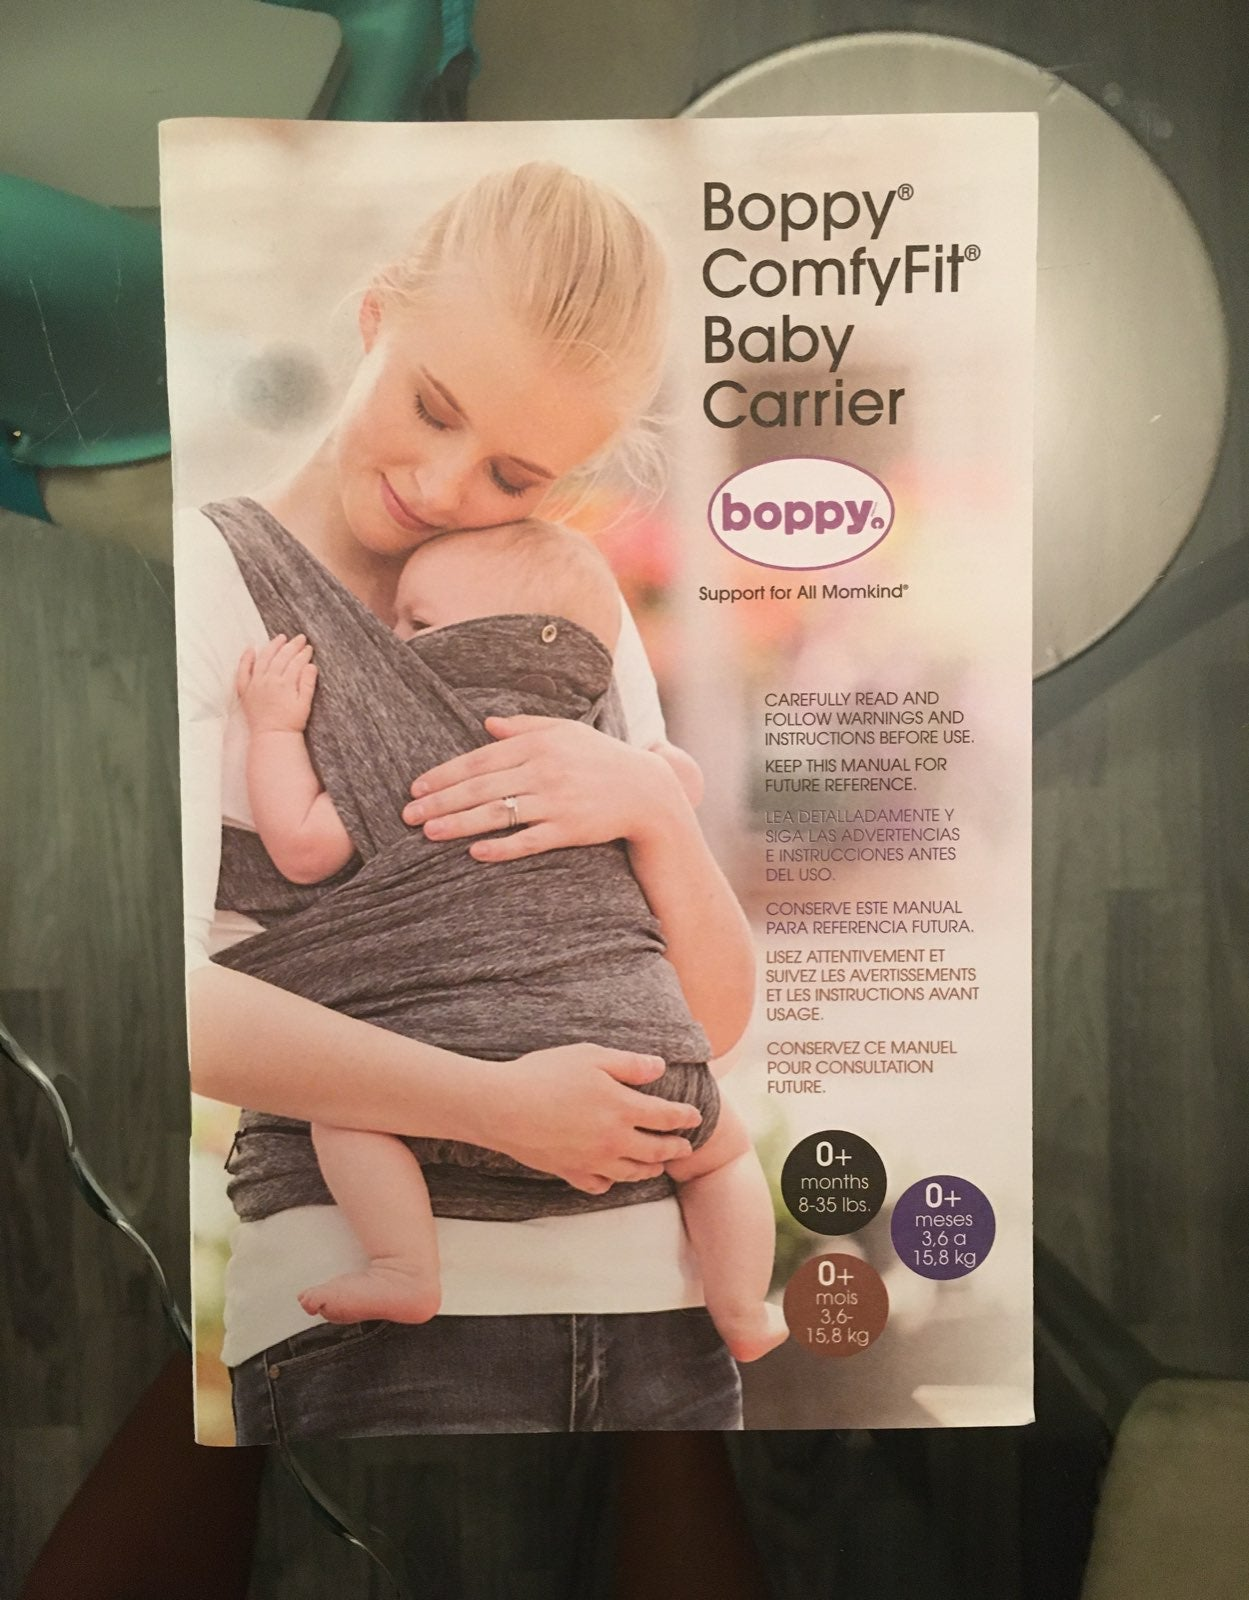 Boppy Baby carrier